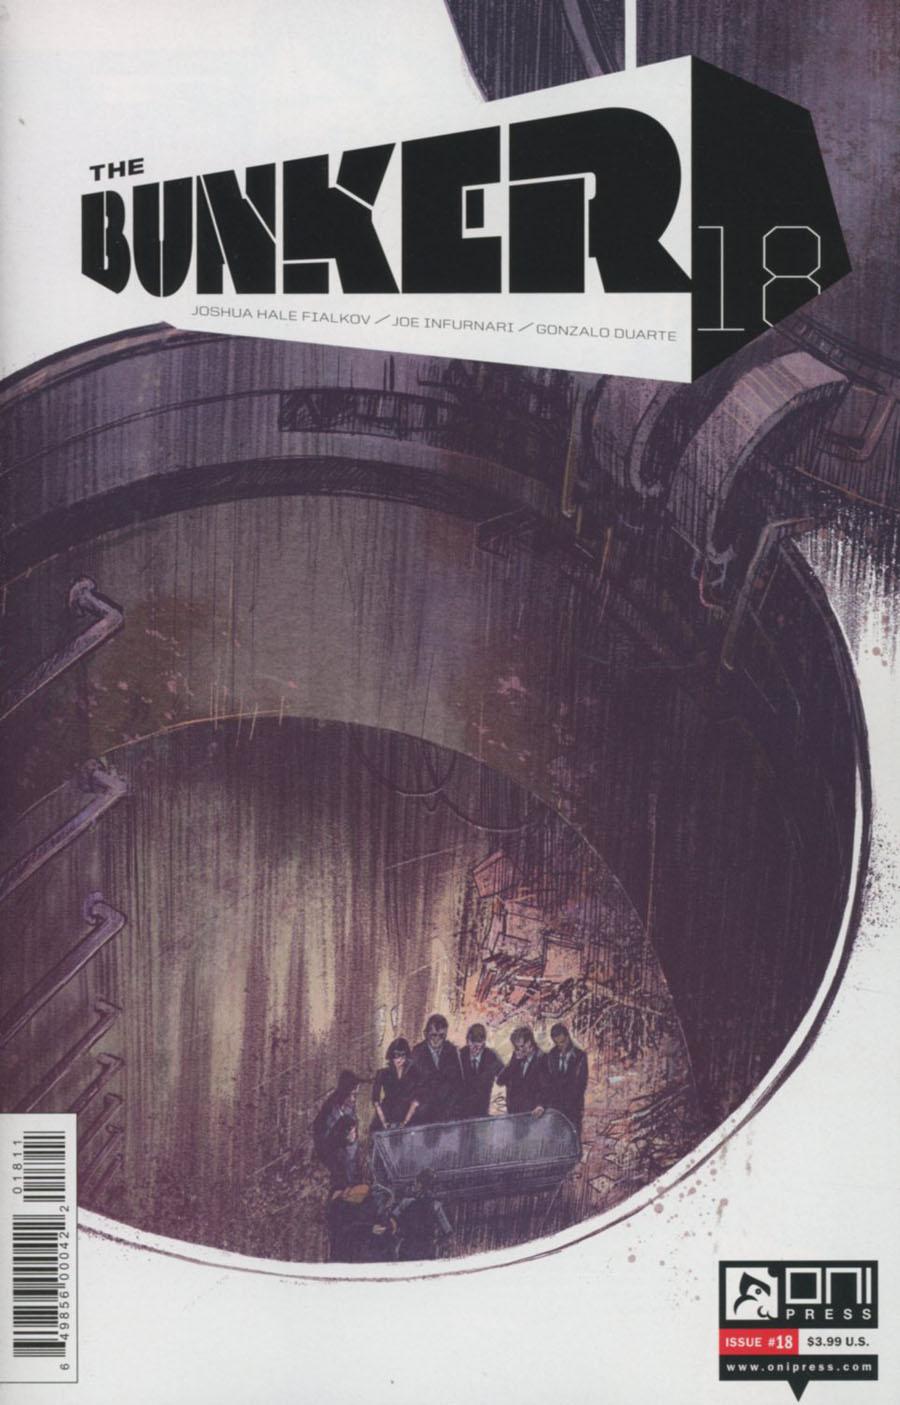 Bunker #18